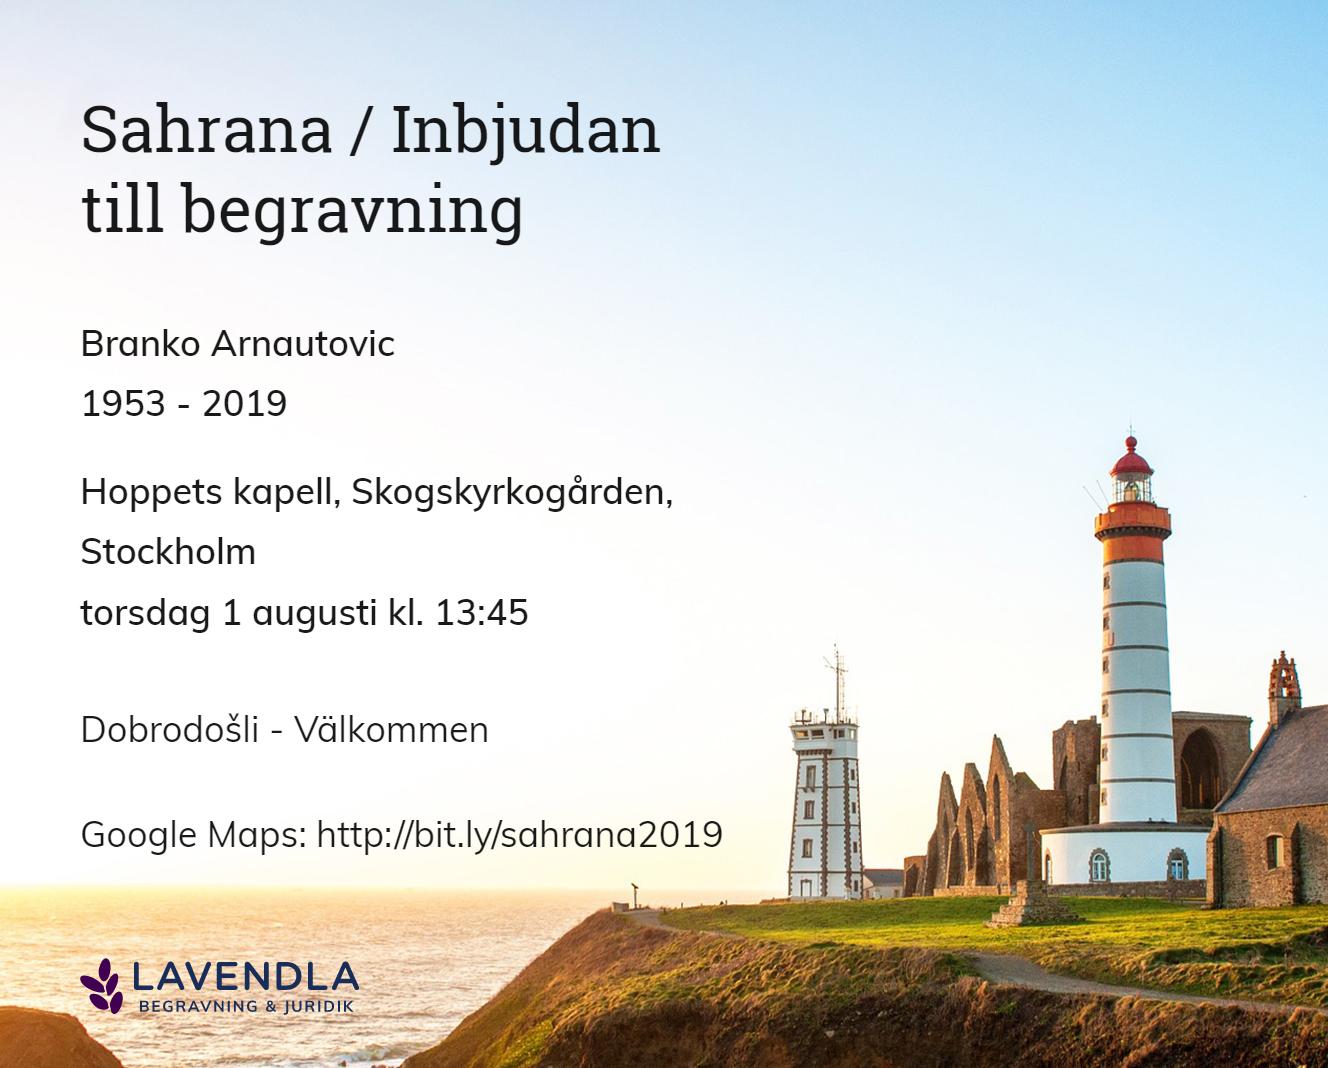 Inbjudningskort till ceremonin för Branko Arnautovic